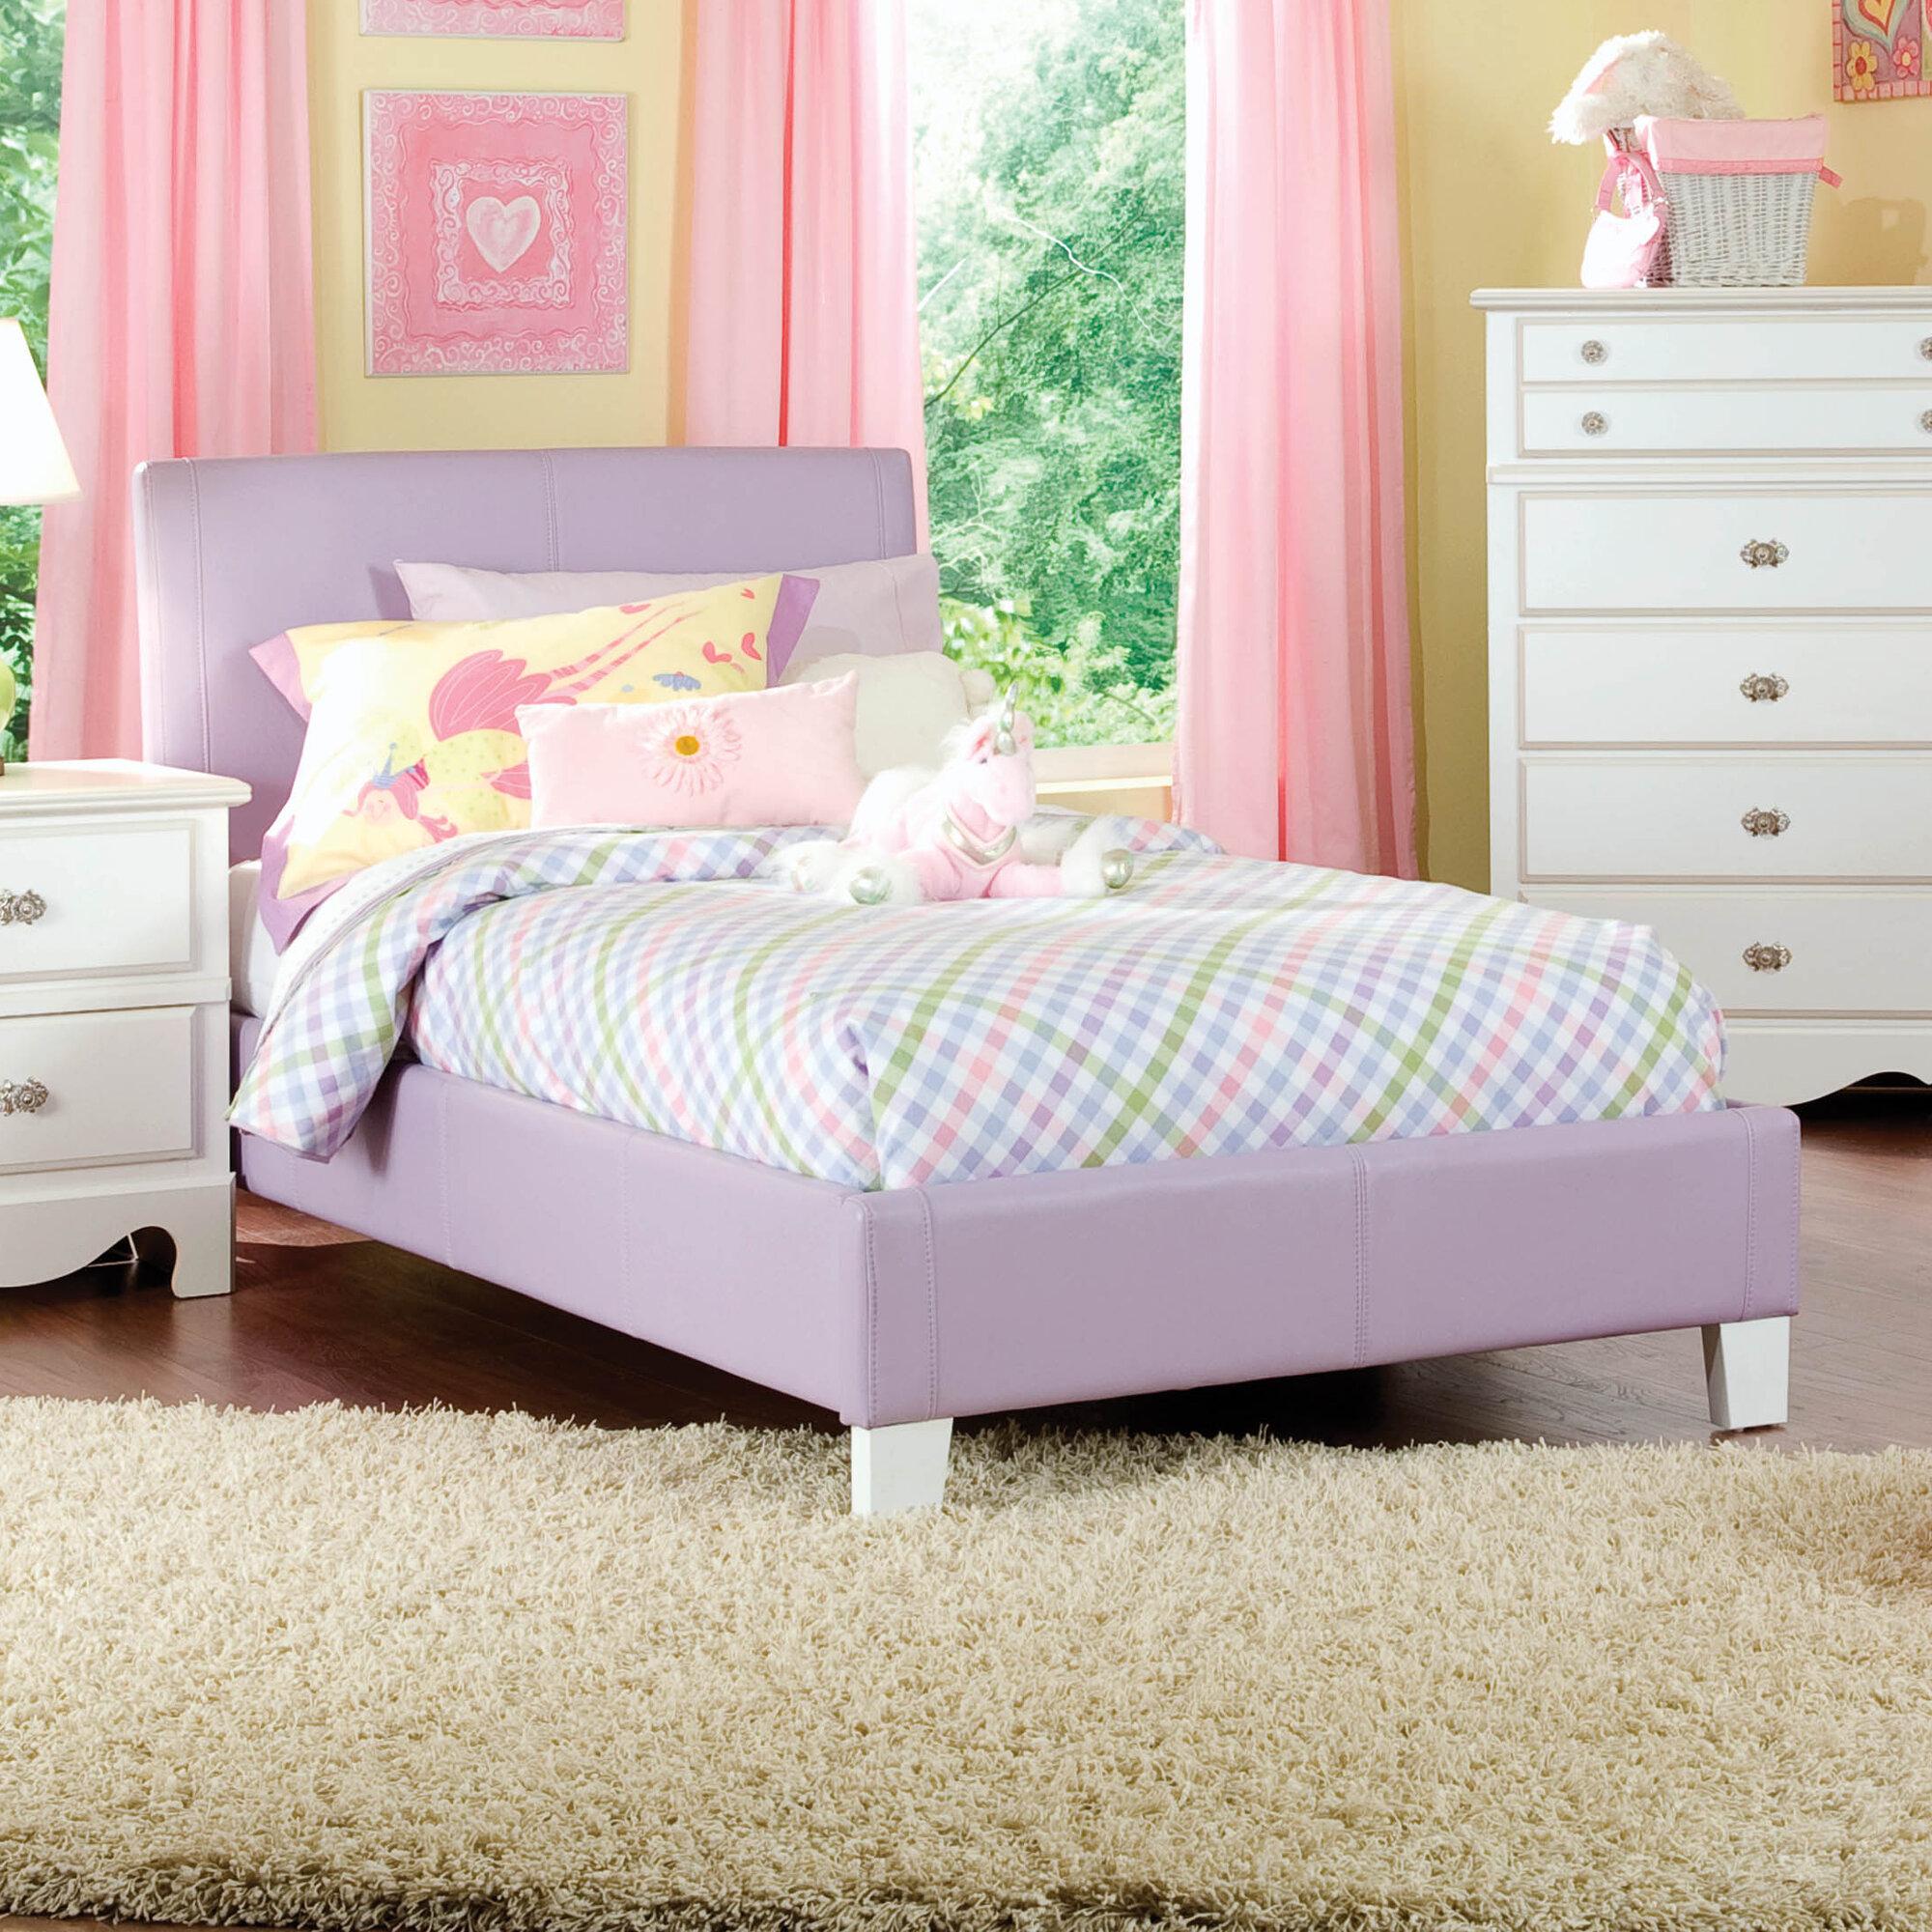 purple bedroom ideas purple furniture. Black Bedroom Furniture Sets. Home Design Ideas